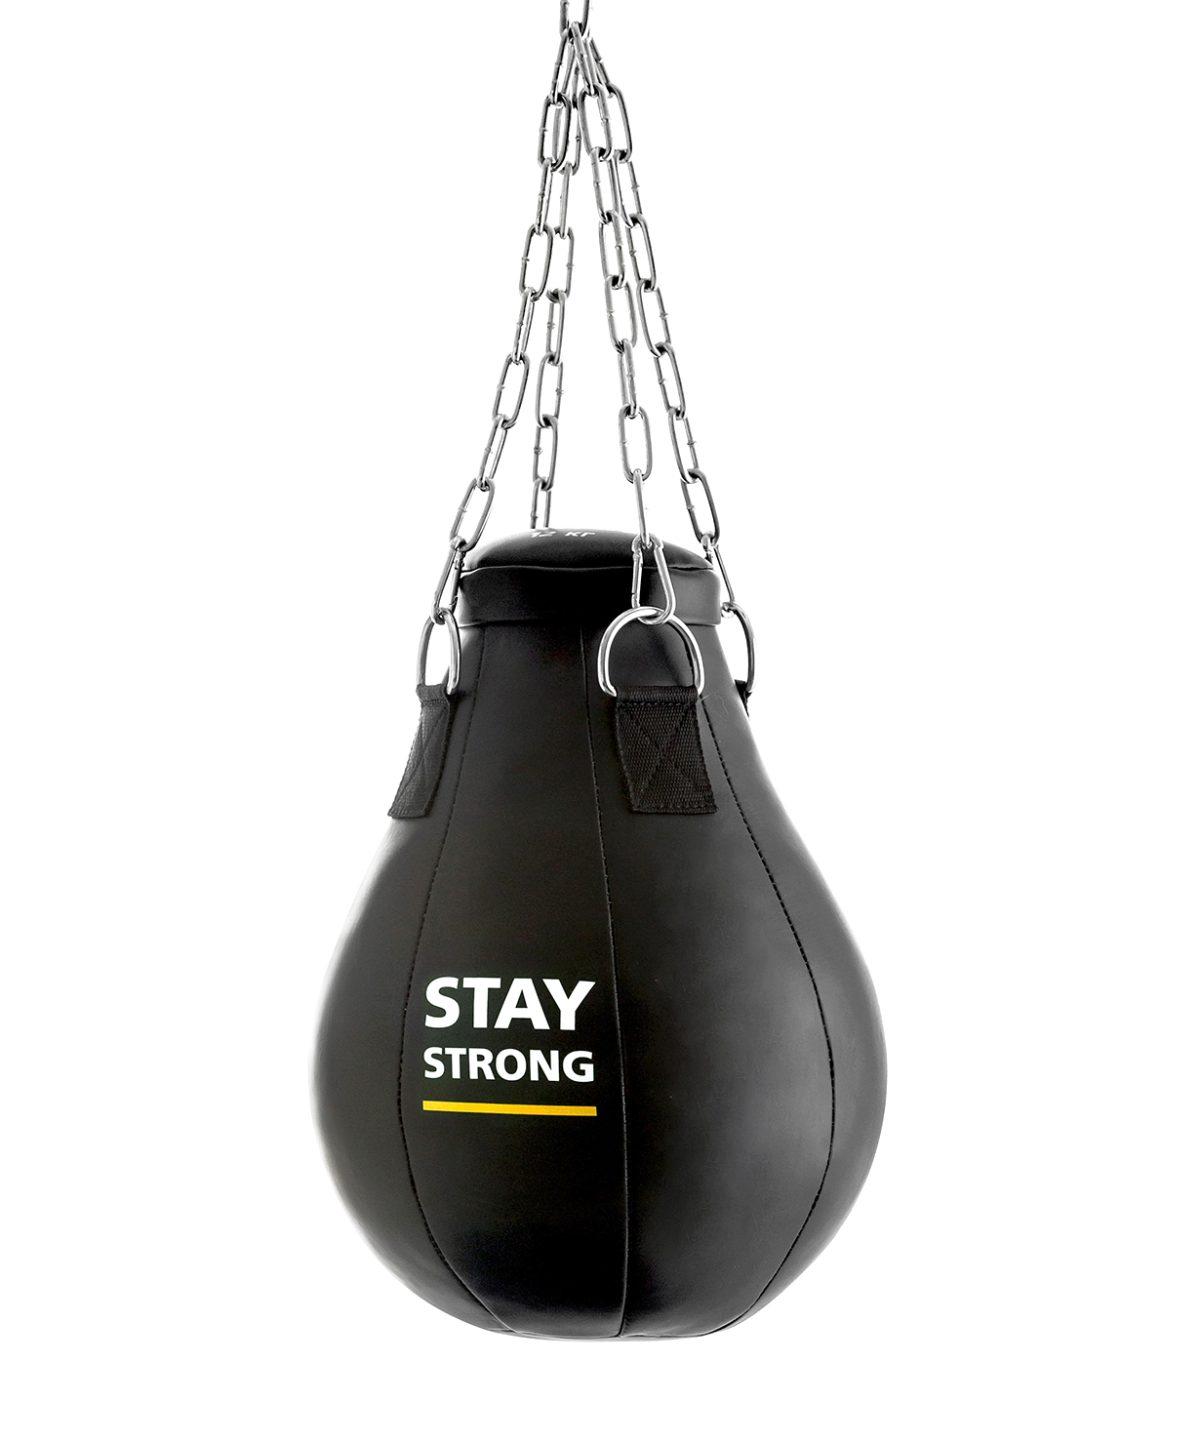 EFFORT Груша  боксерская 12кг  E522 - 1